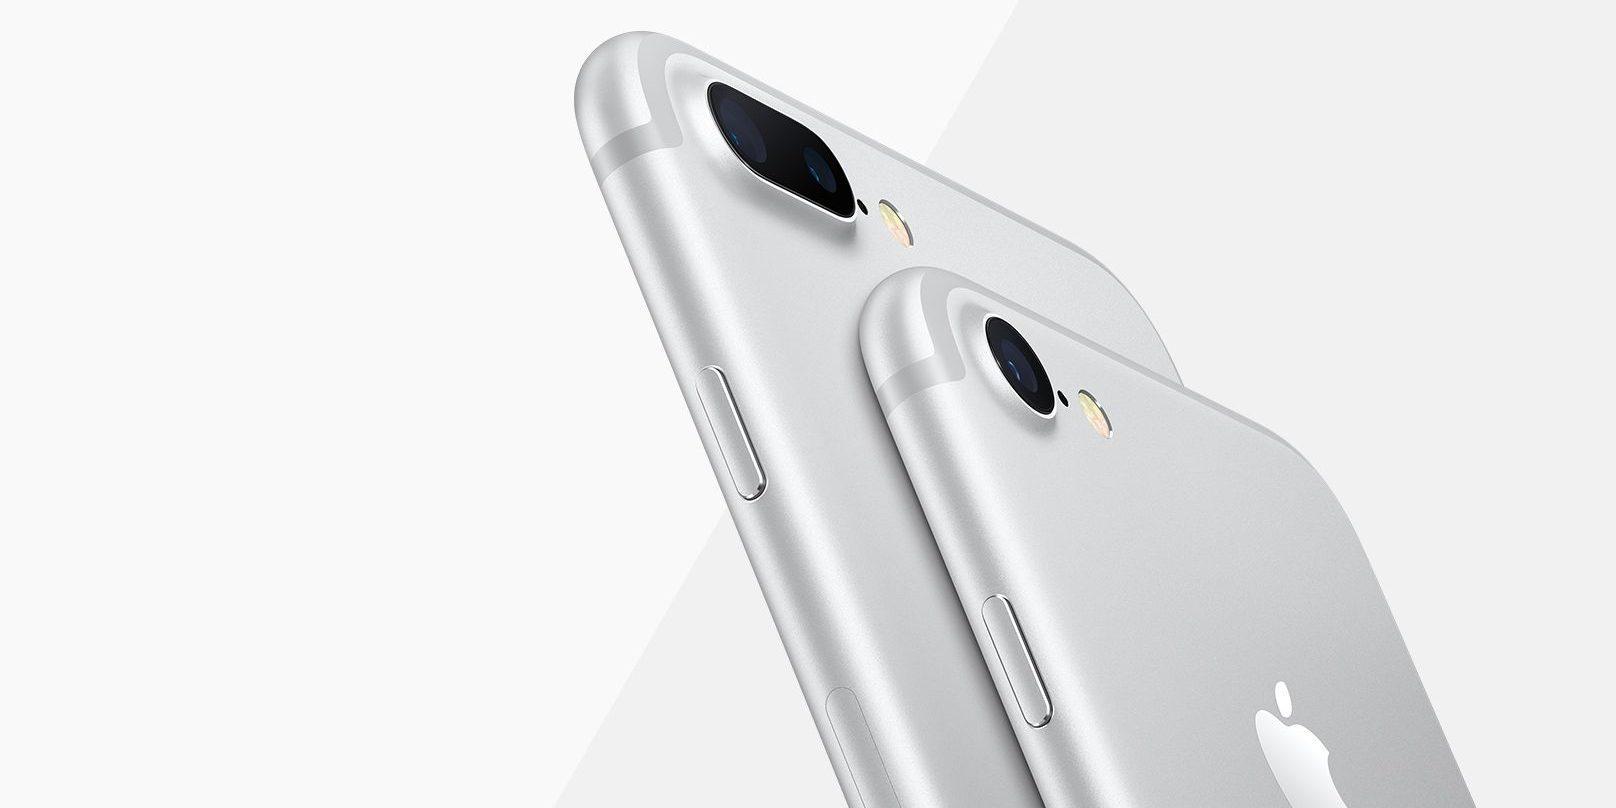 """<span href=""""https://9to5mac.com/2020/03/16/ios-14-code-confirms-apple-planning-iphone-9-plus-with-a13-as-larger-version-of-rumored-entry-level-model/"""">iOS 14 código confirma Apple planificación de iPhone 9 Plus' con A13 como la versión más grande de la que se rumorea modelo de nivel de entrada</a>"""